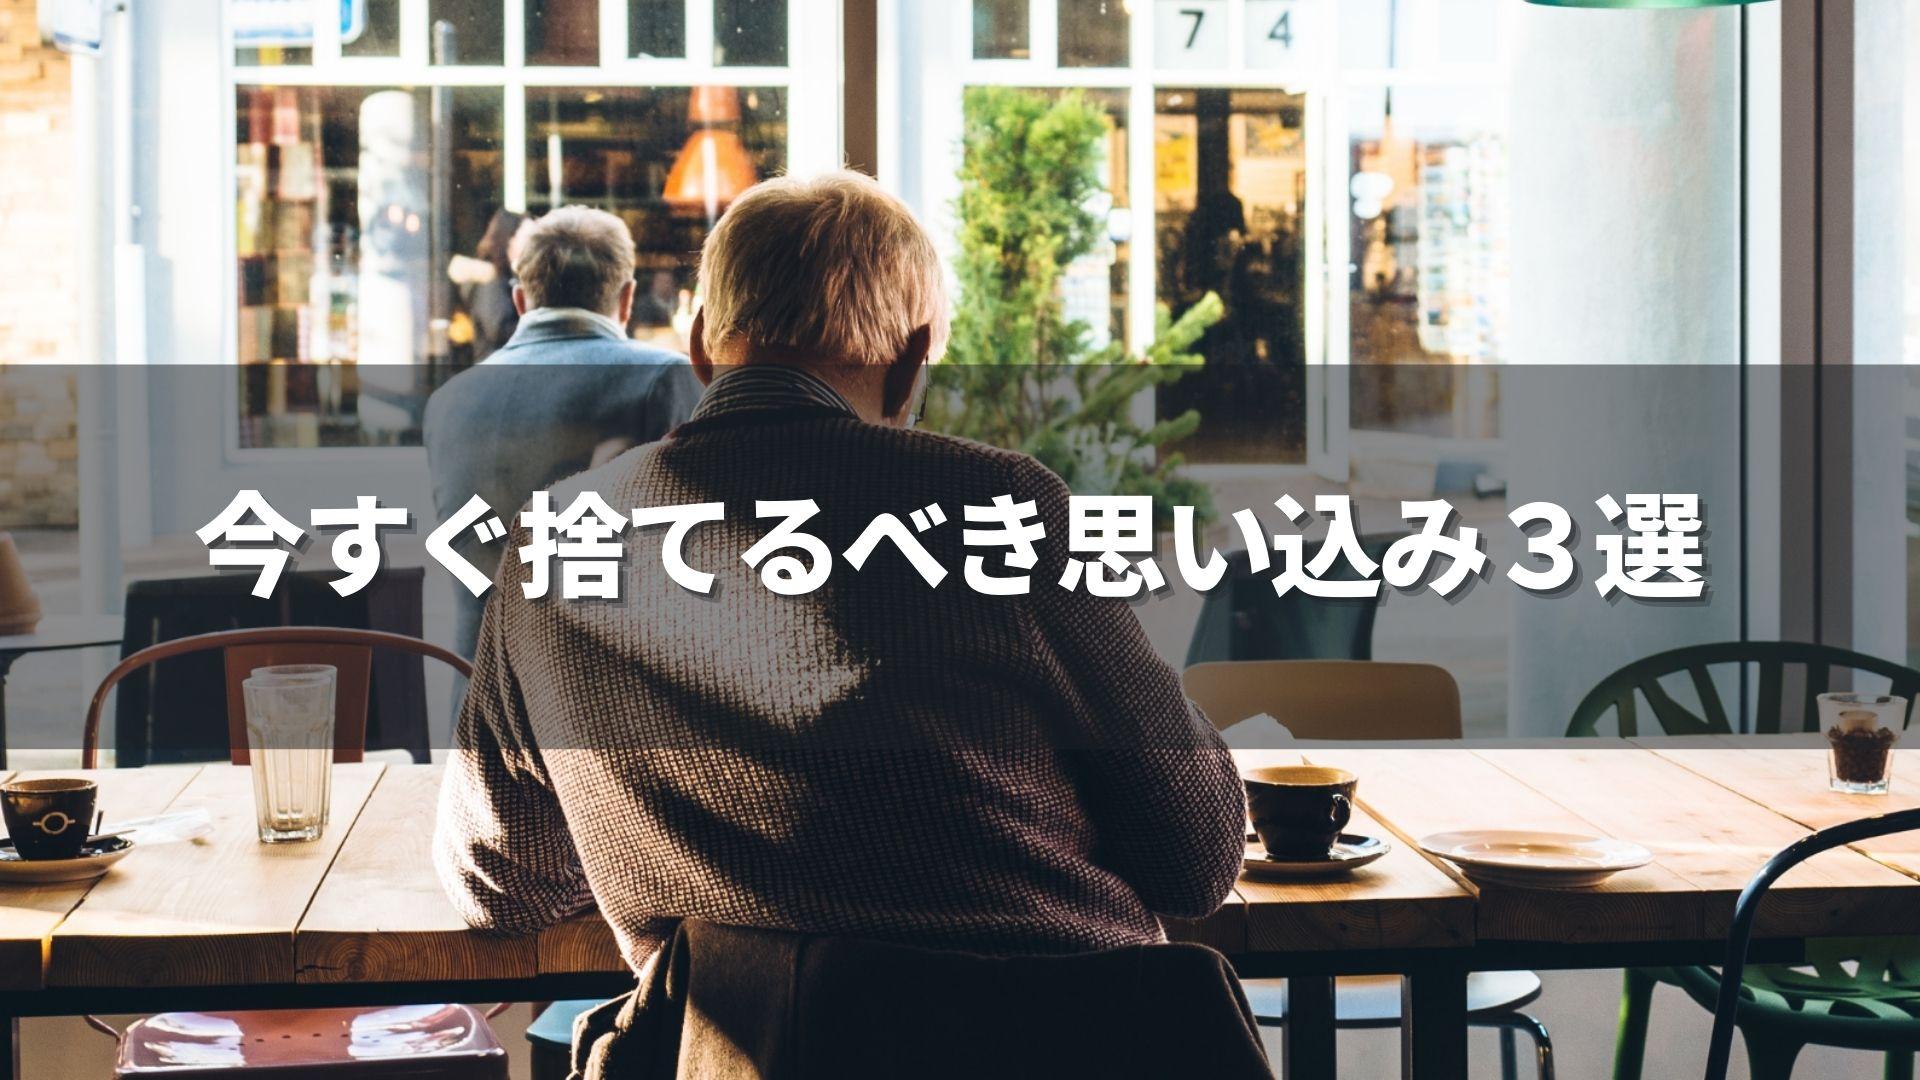 【勘違い】今すぐ捨てるべき思い込み3選【FX】